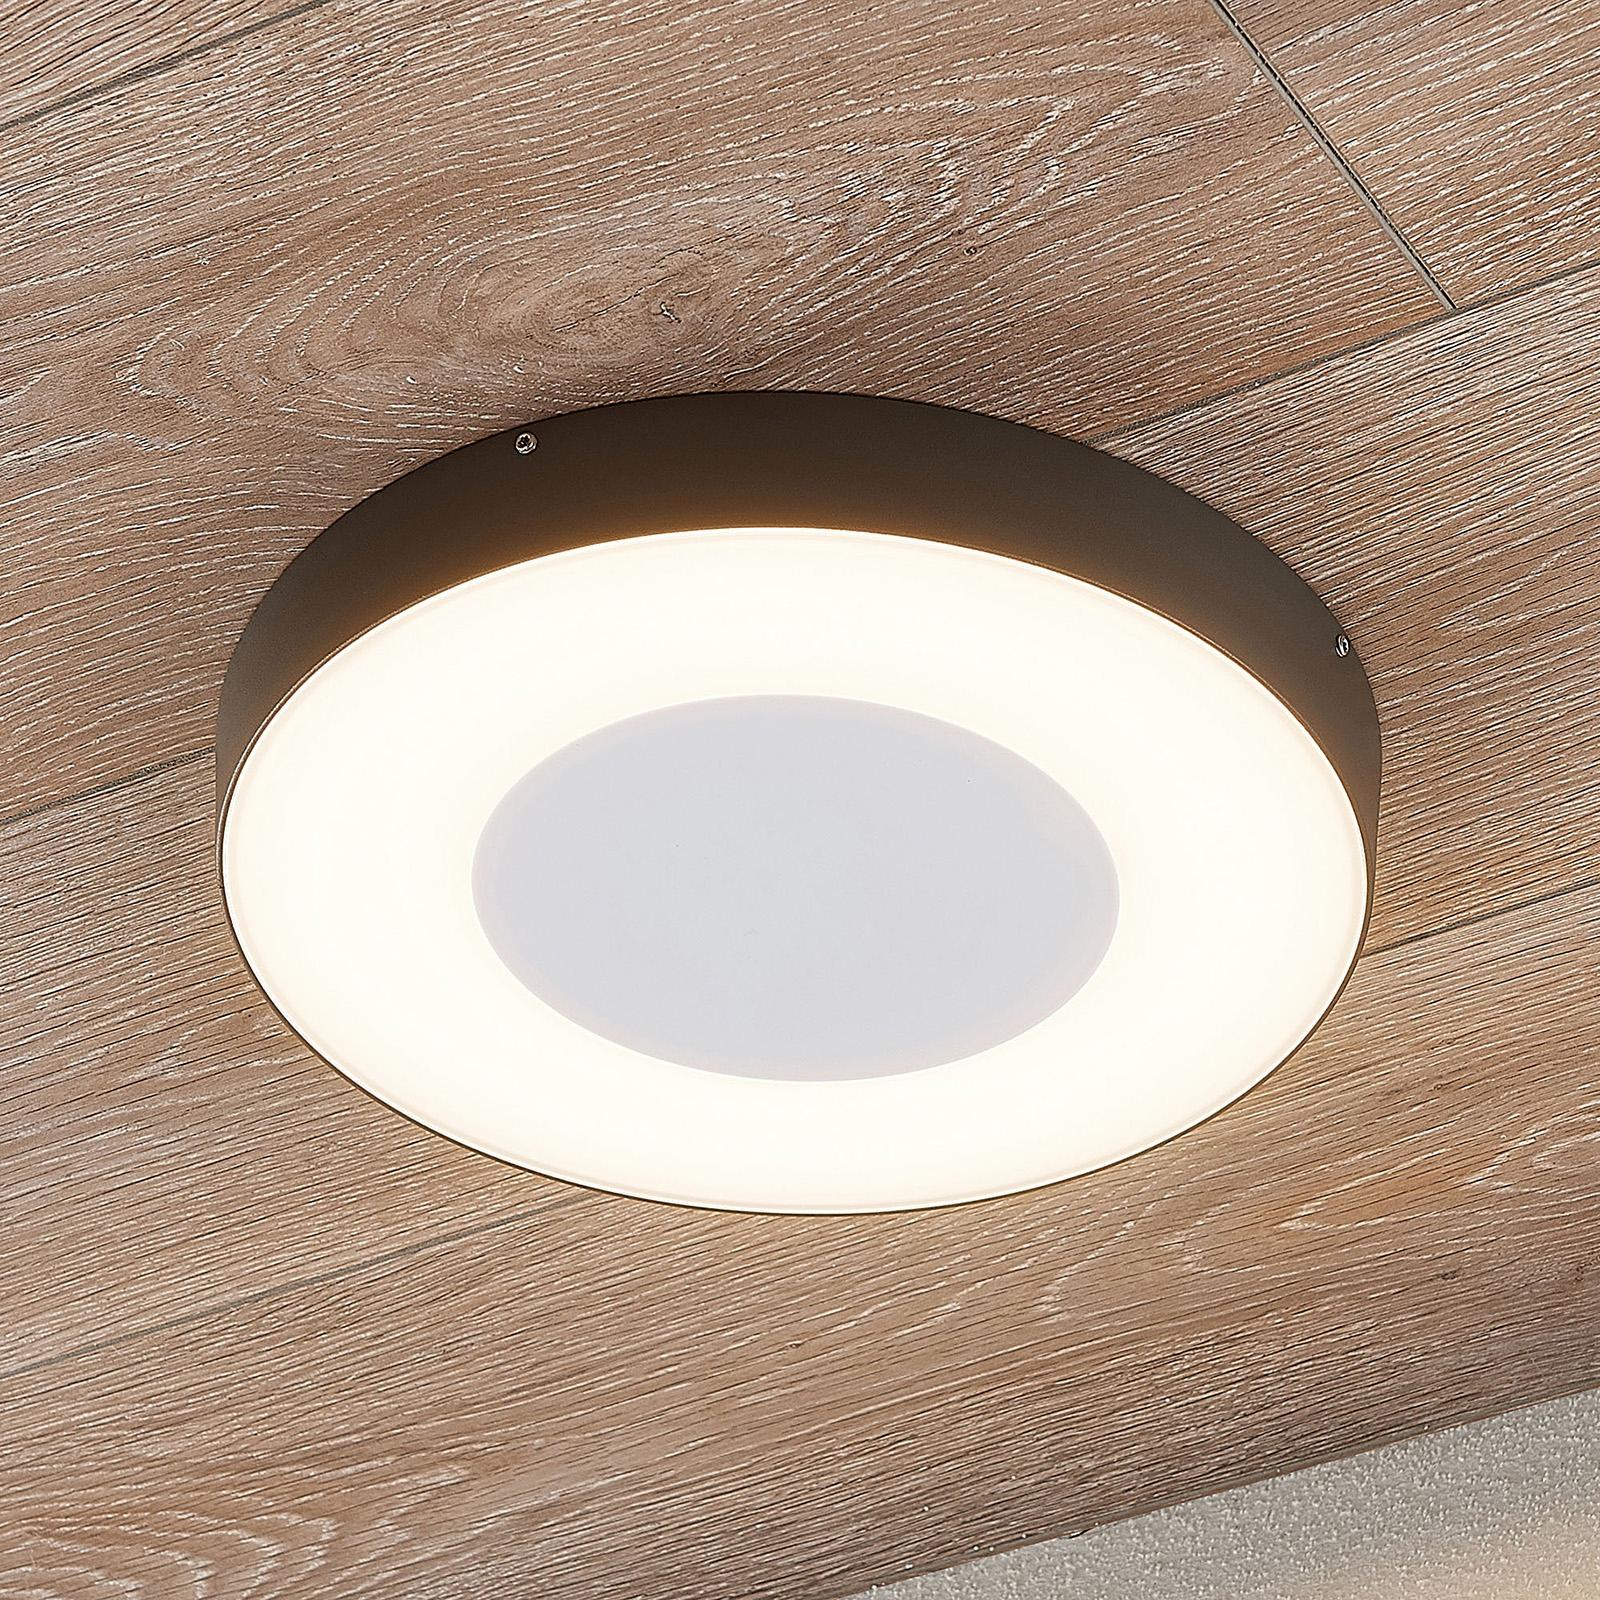 LED utendørs taklampe Sora, rund, sensor